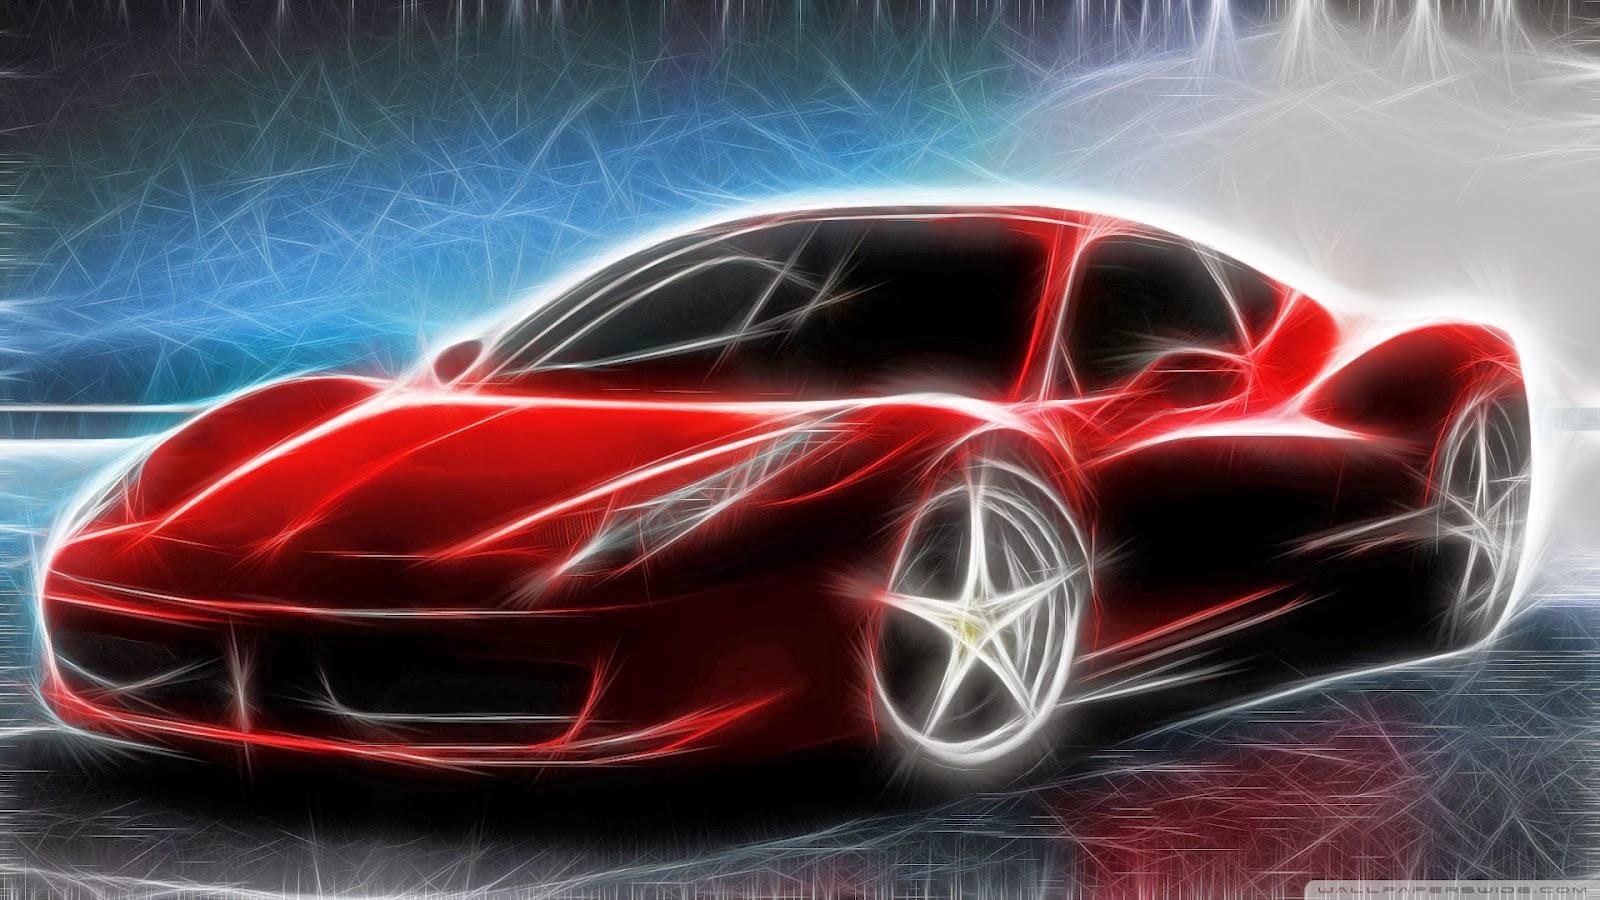 Gambar Mobil Keren Wallpaper Modifikasi Mobil